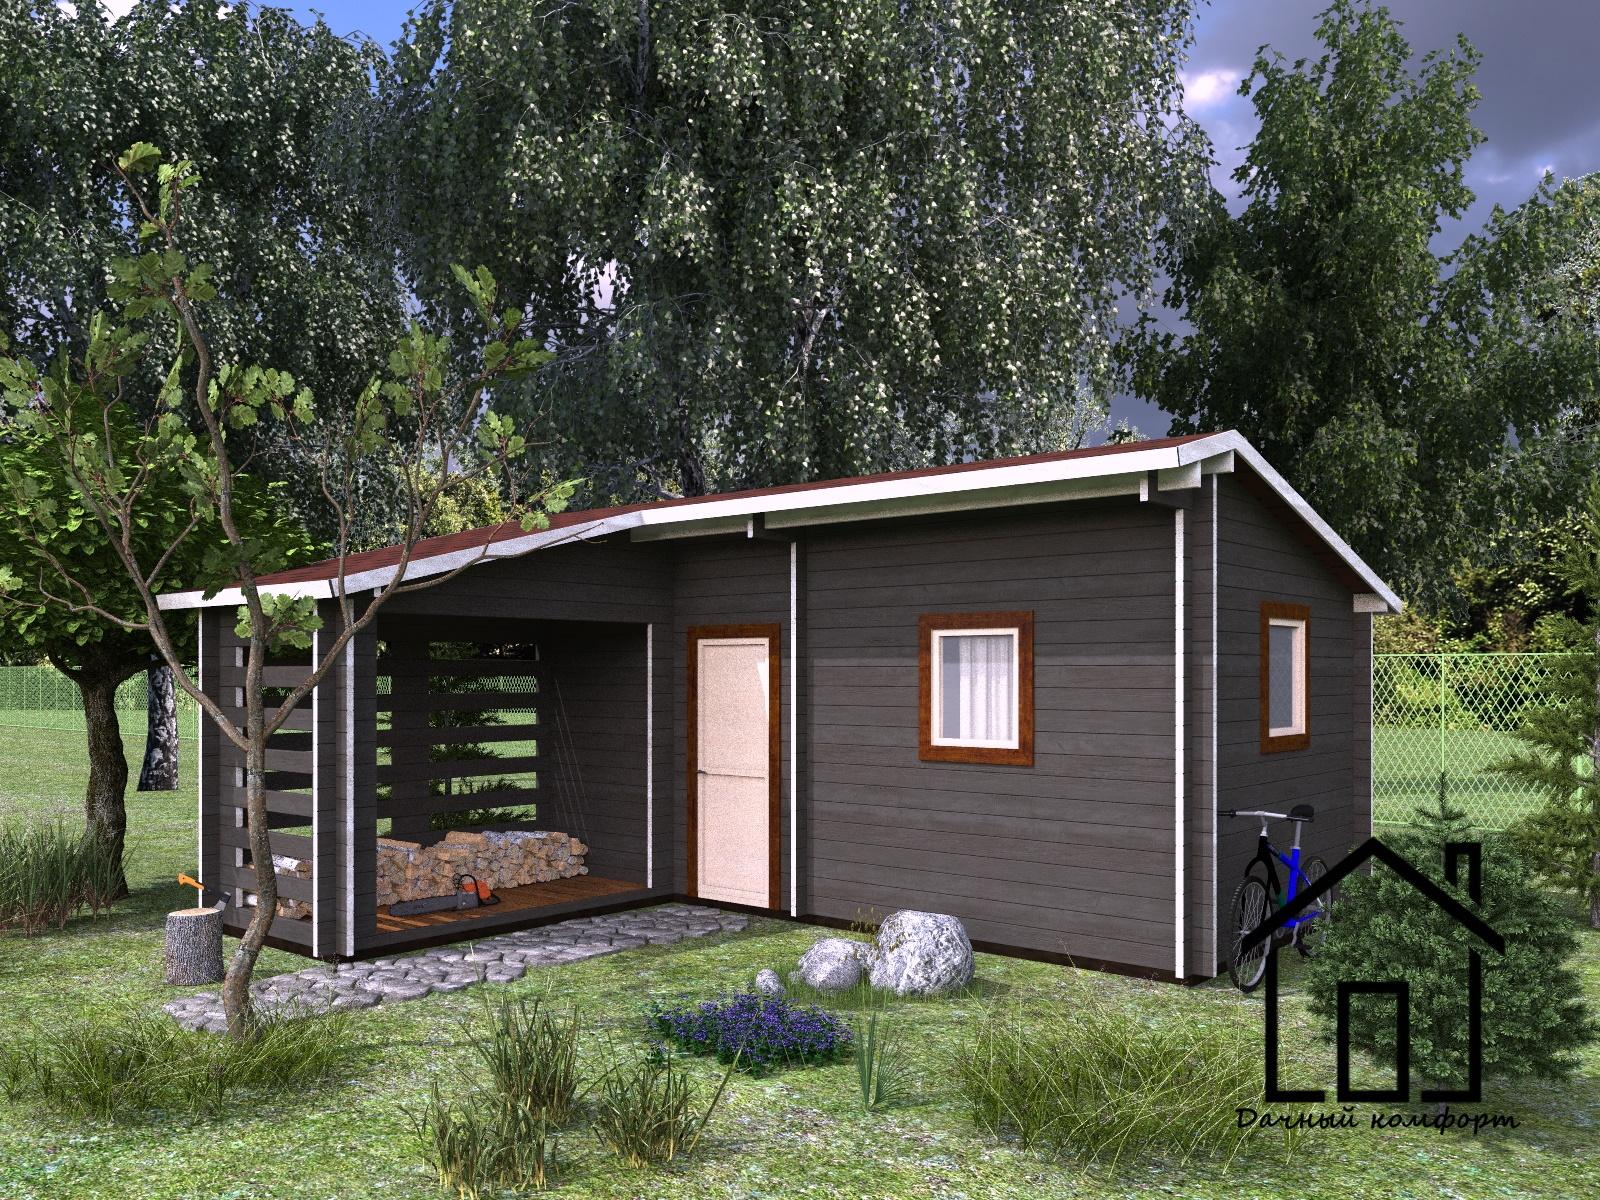 Баня с хозблоком: пристройка под утепленный душ, туалет,сарай и кухня - проекты под одной крышей